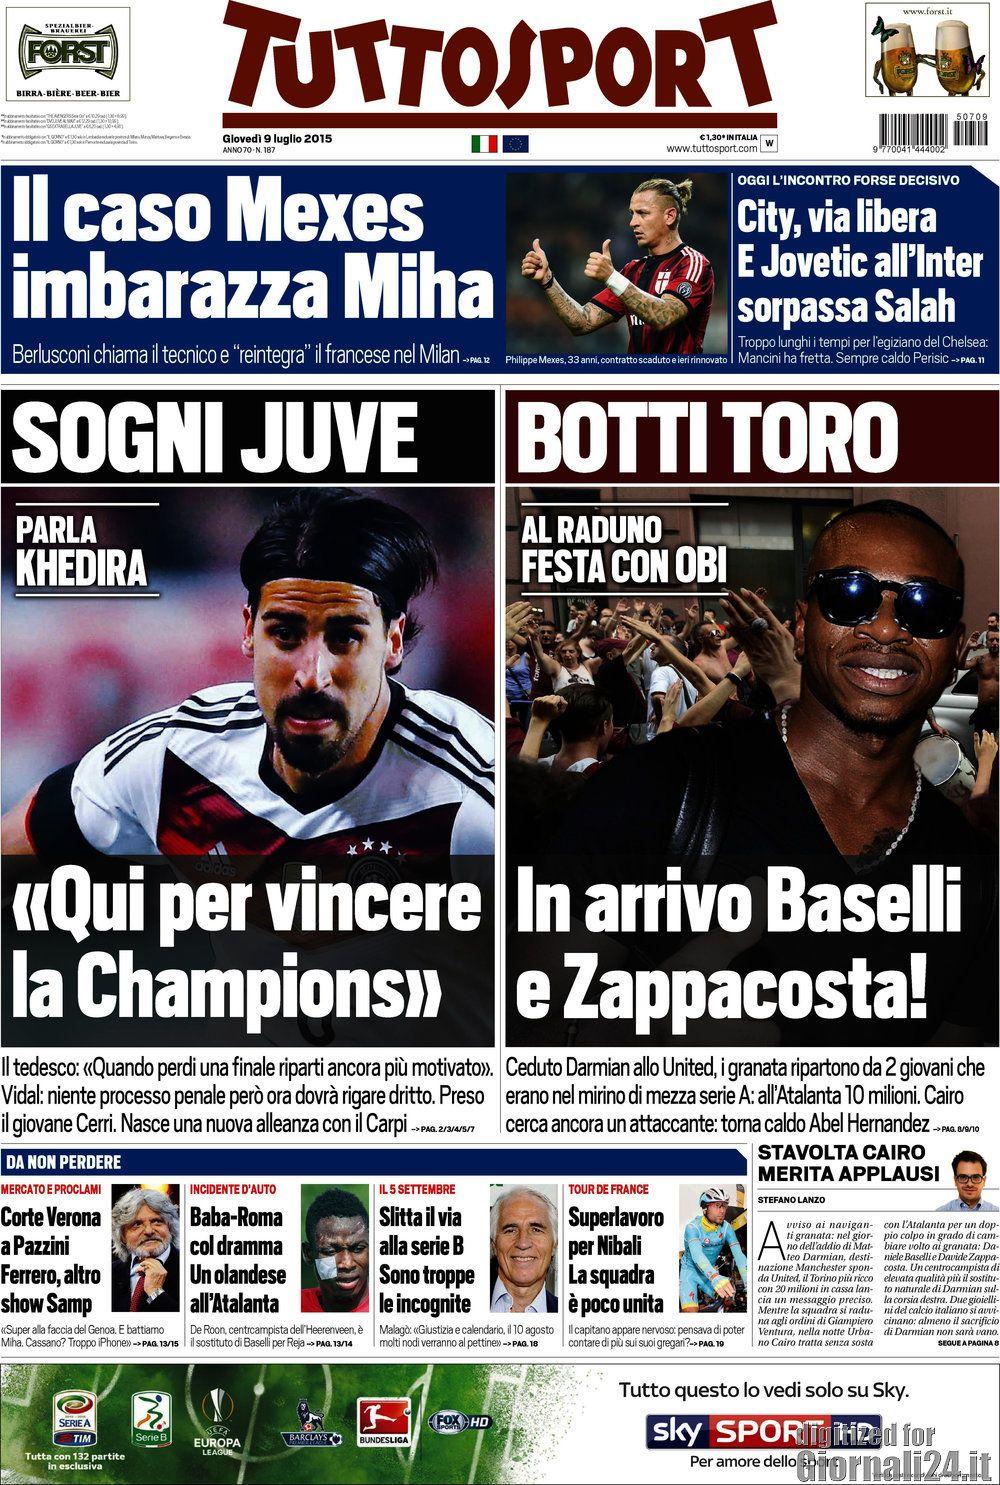 Tuttosport 9-07-2015